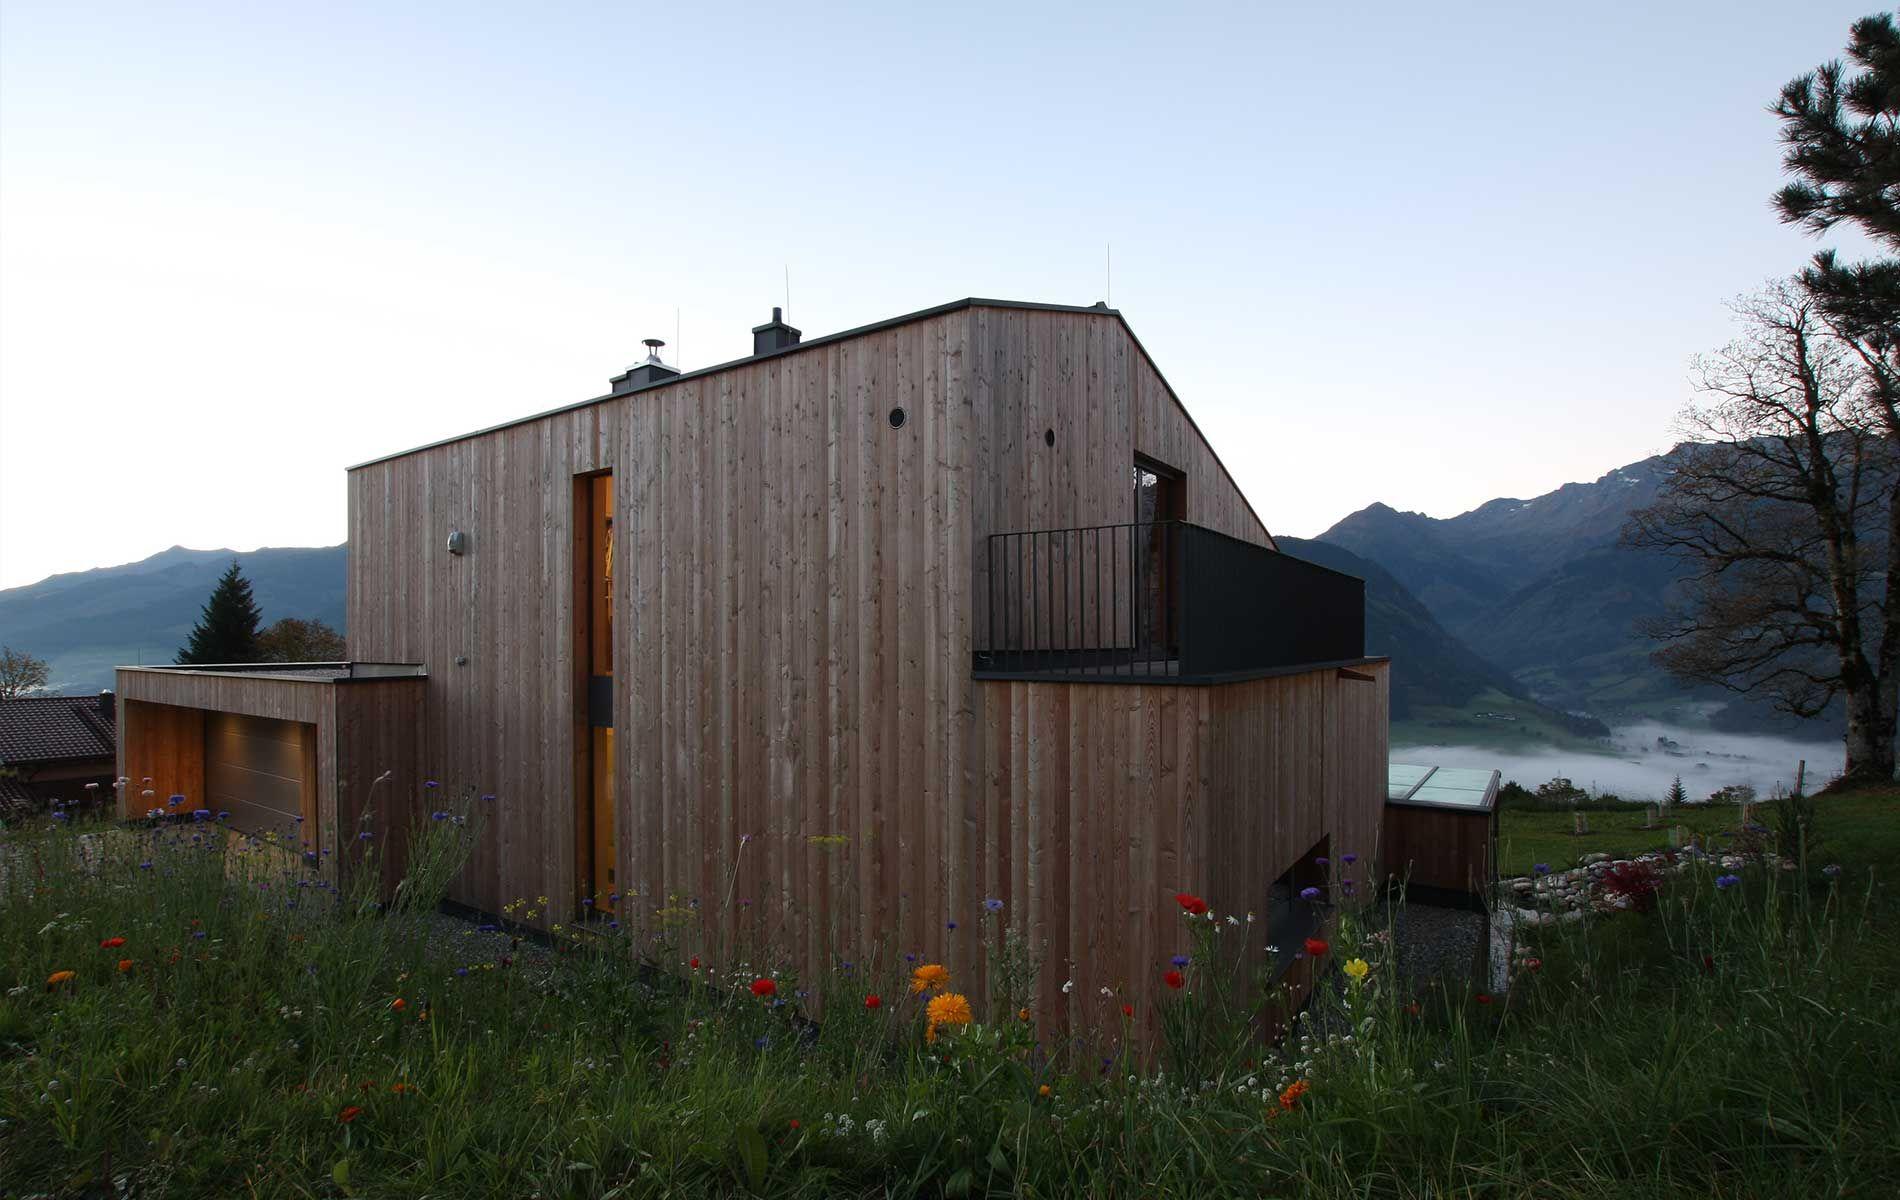 Einfamilienhaus holzhaus modern was wir bauen for Wochenendhaus modern bauen